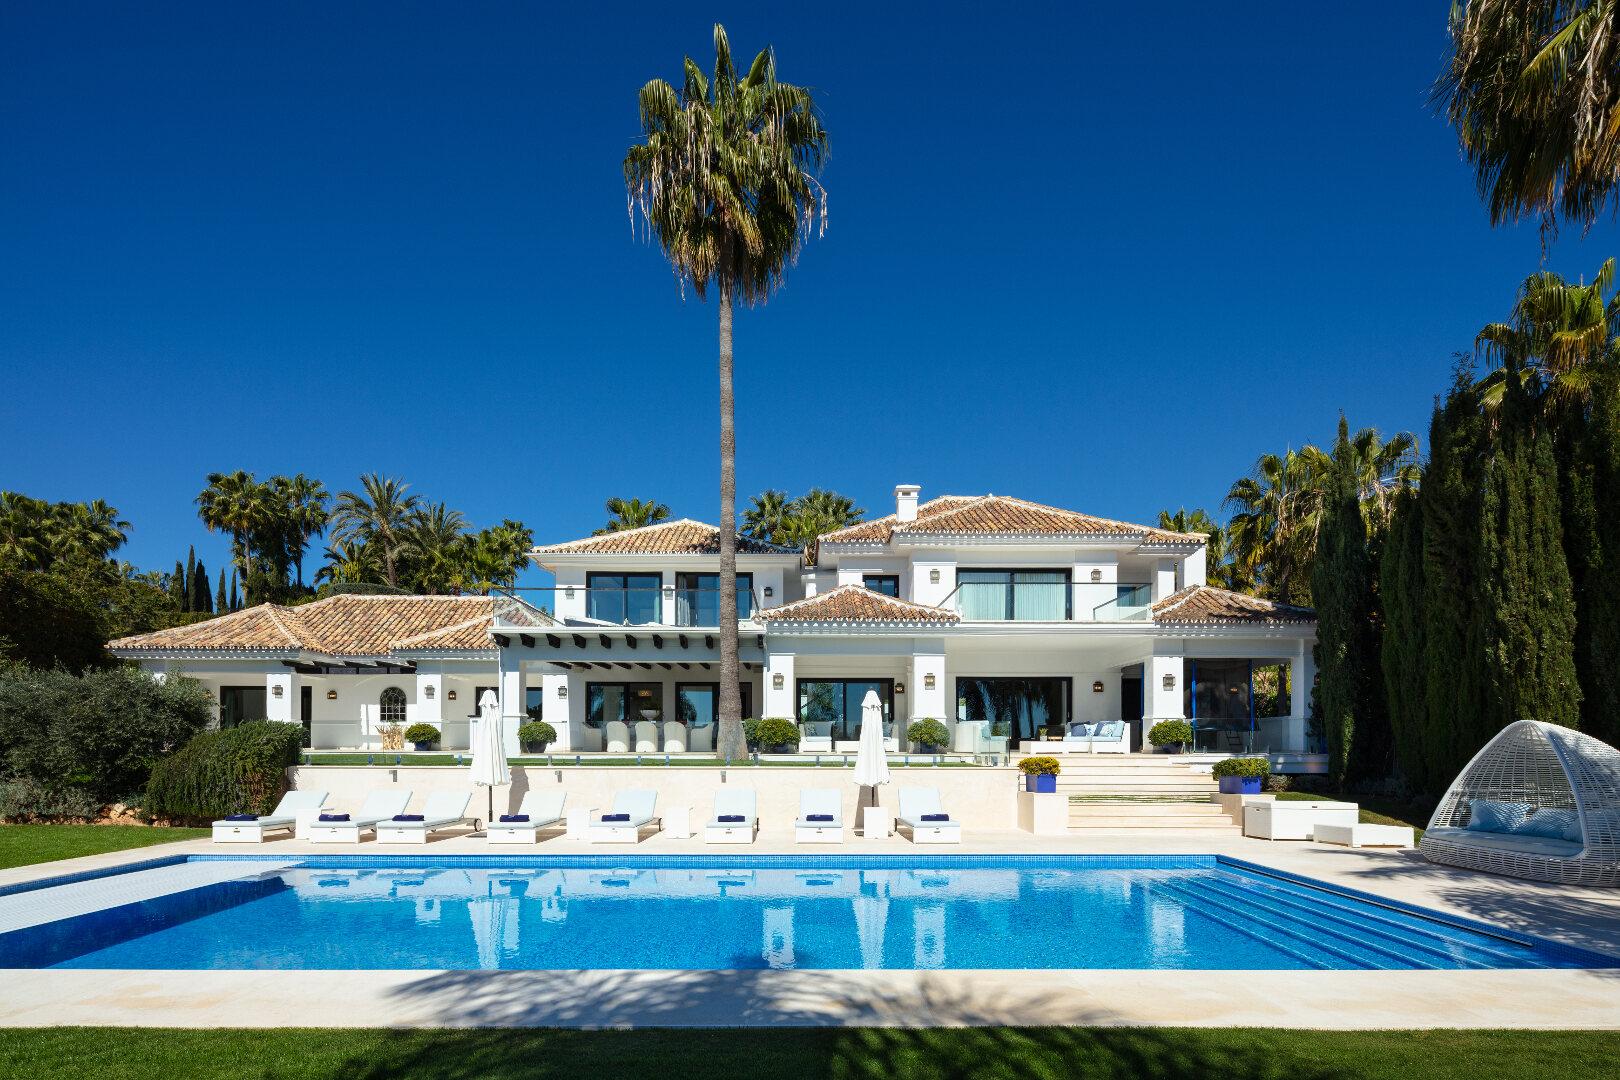 Ideal luxury family villa in La Cerquilla Nueva Andalucia, Marbella